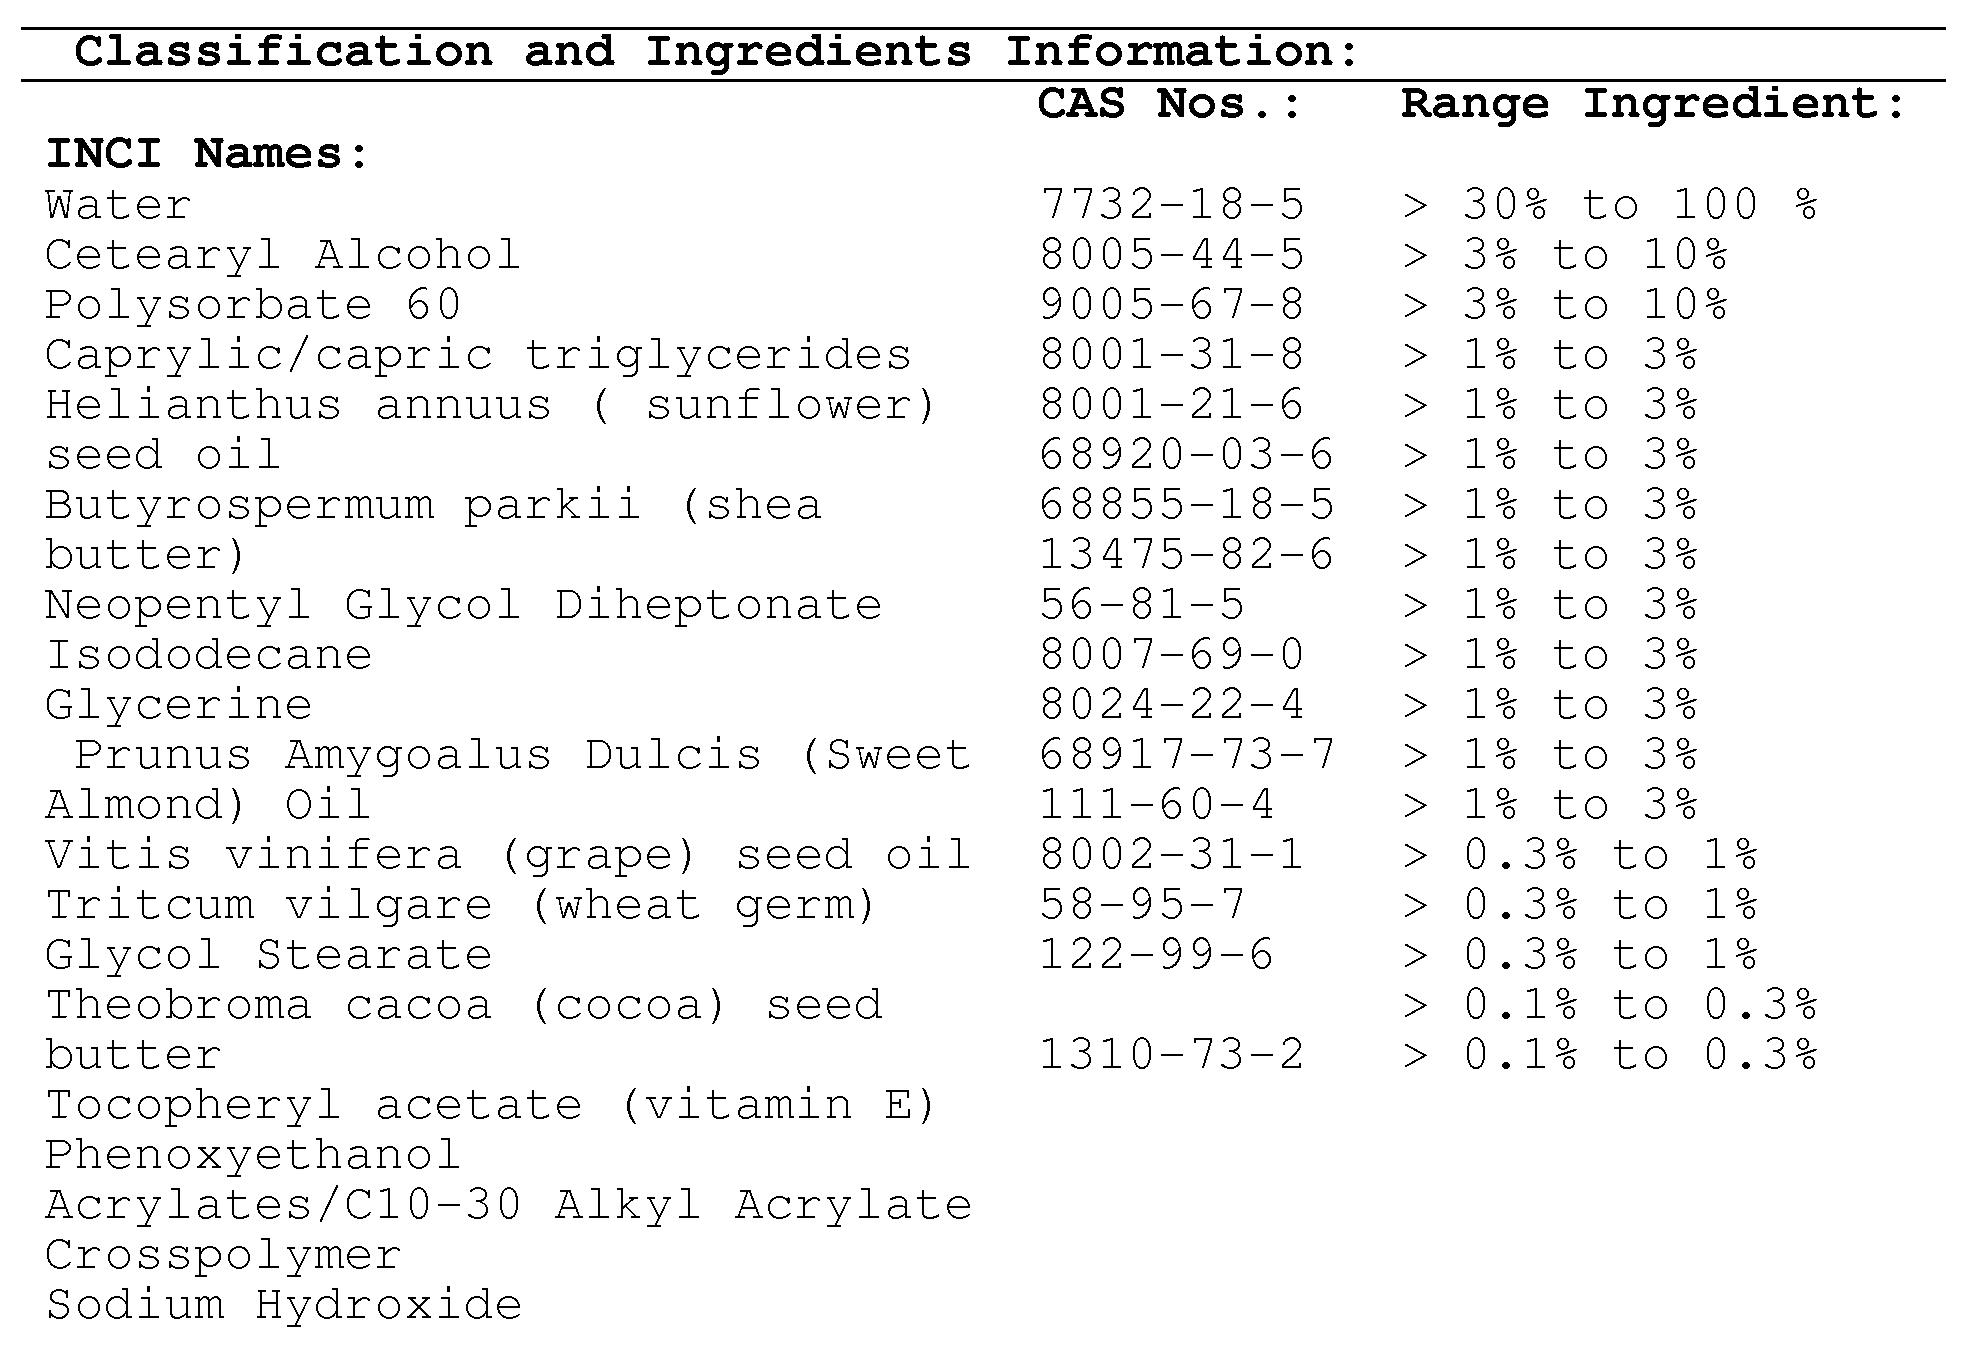 is methylprednisolone the same as prednisone